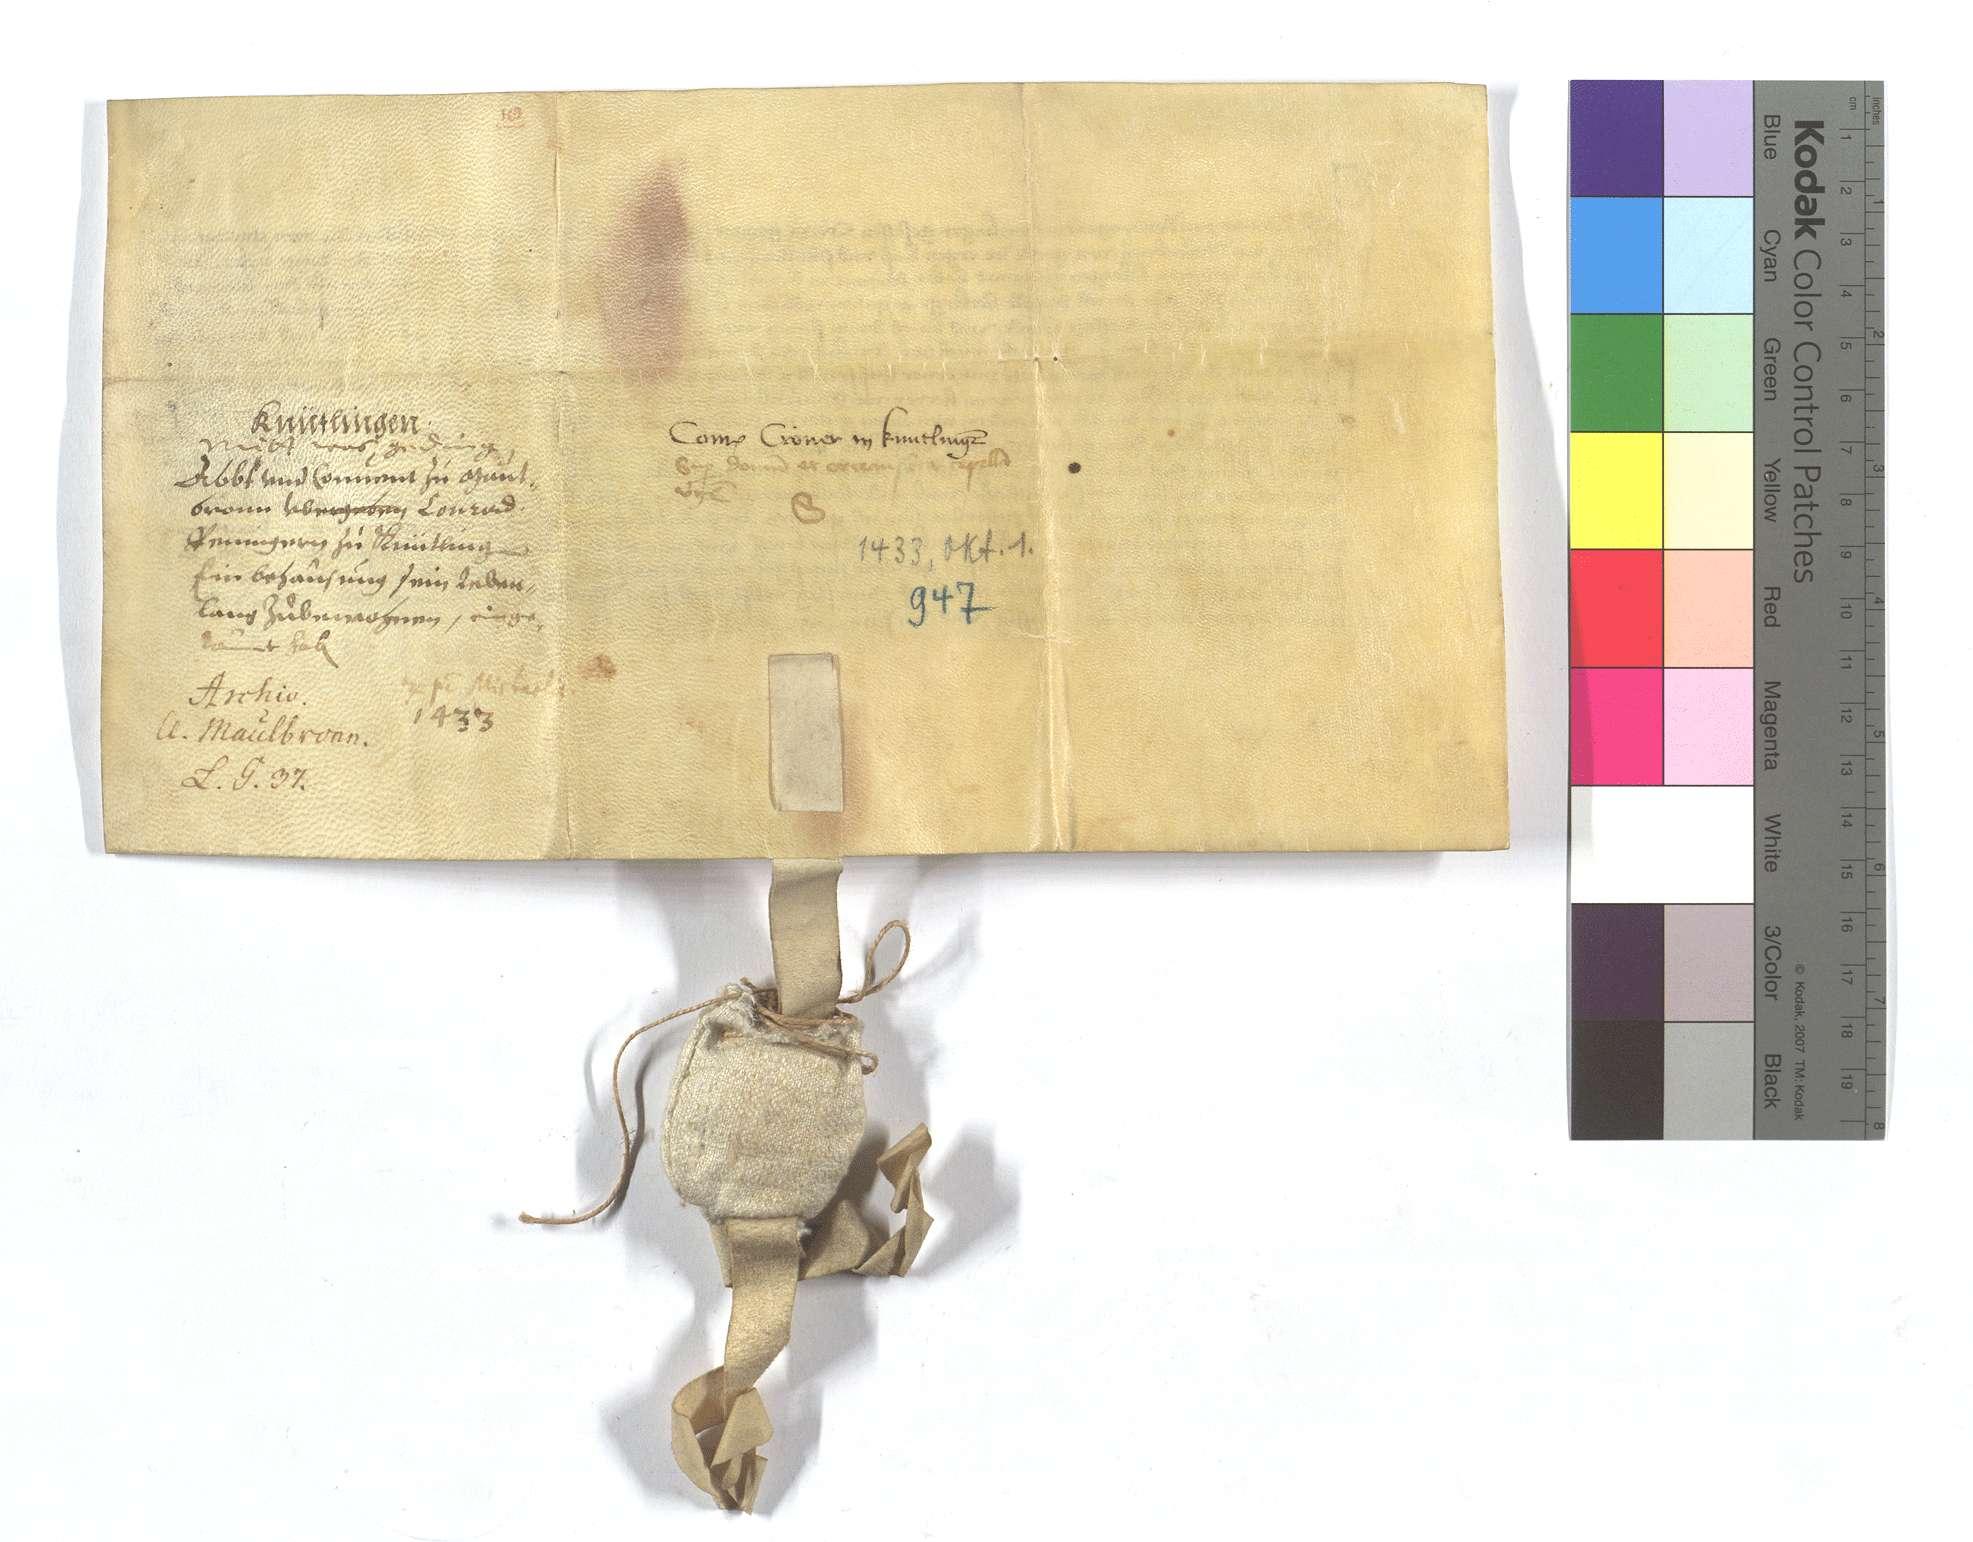 Verschreibung Conrad Cröners von Renningen (Rennyngen) in Knittlingen, als ihm von dem Kloster Maulbronn ein Haus und eine Scheuer dort lebenslang zu bewohnen eingeräumt worden sind., Rückseite